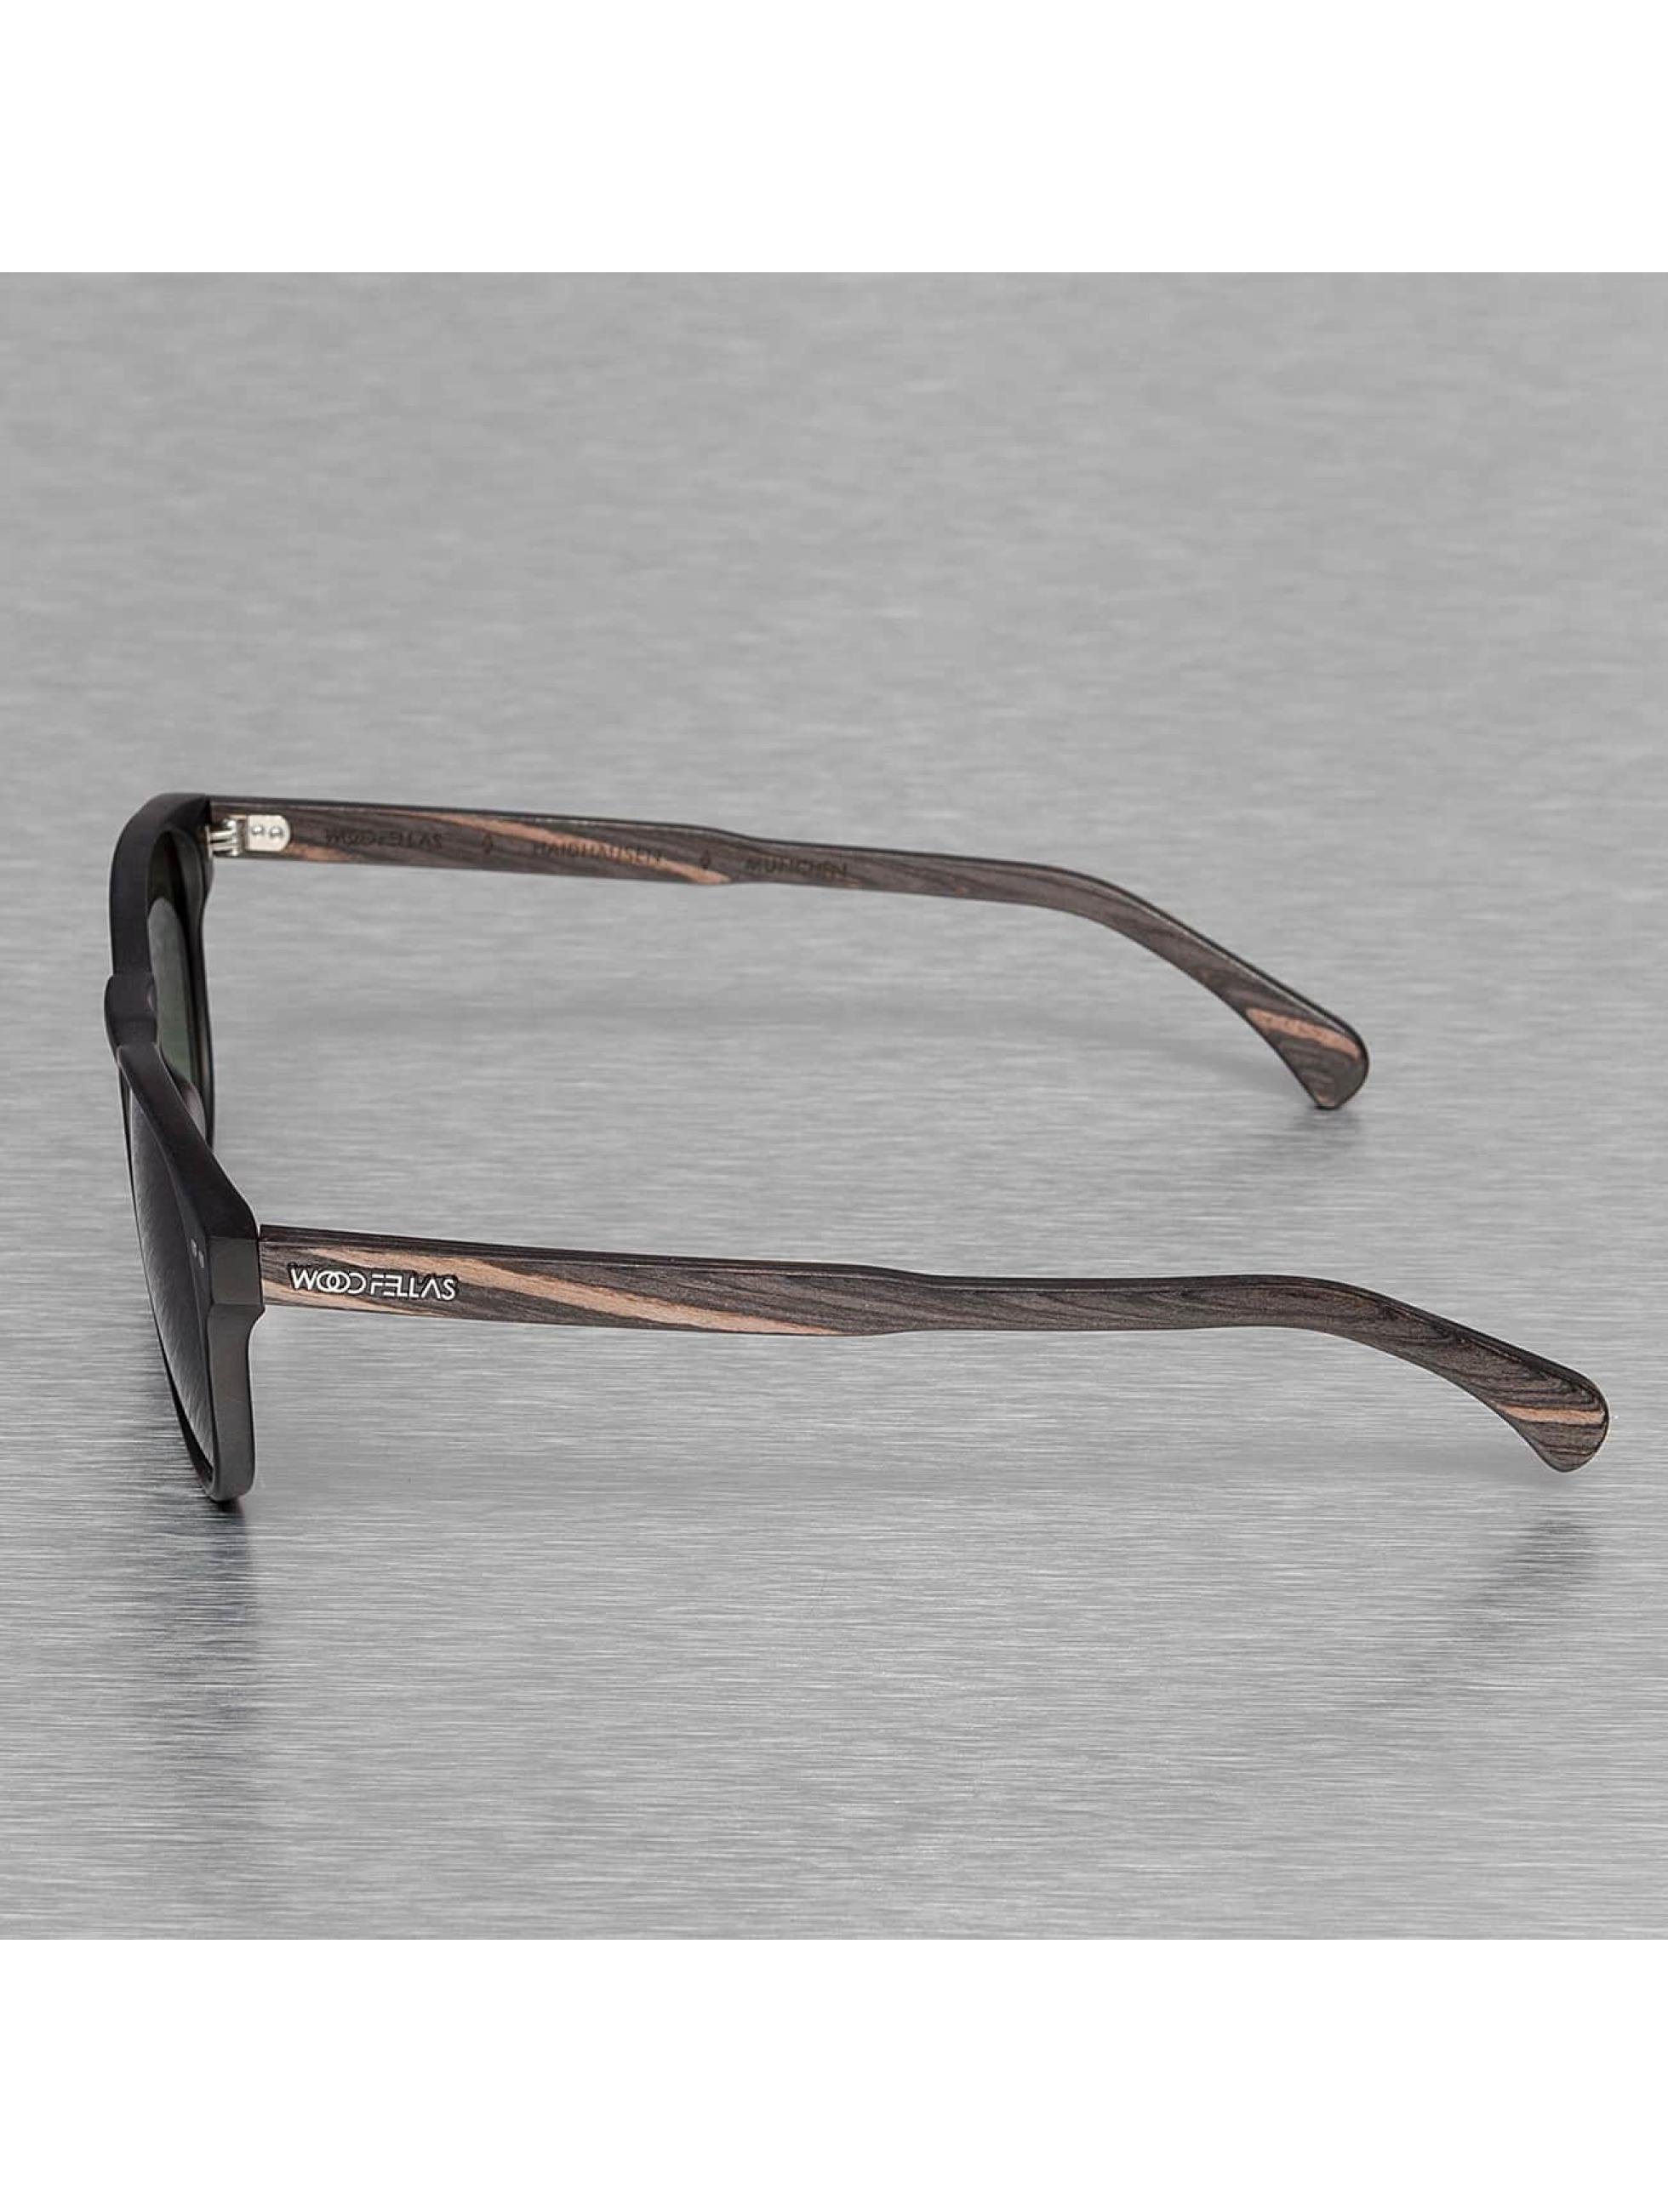 Wood Fellas Eyewear Briller Eyewear Haidhausen Polarized Mirror svart